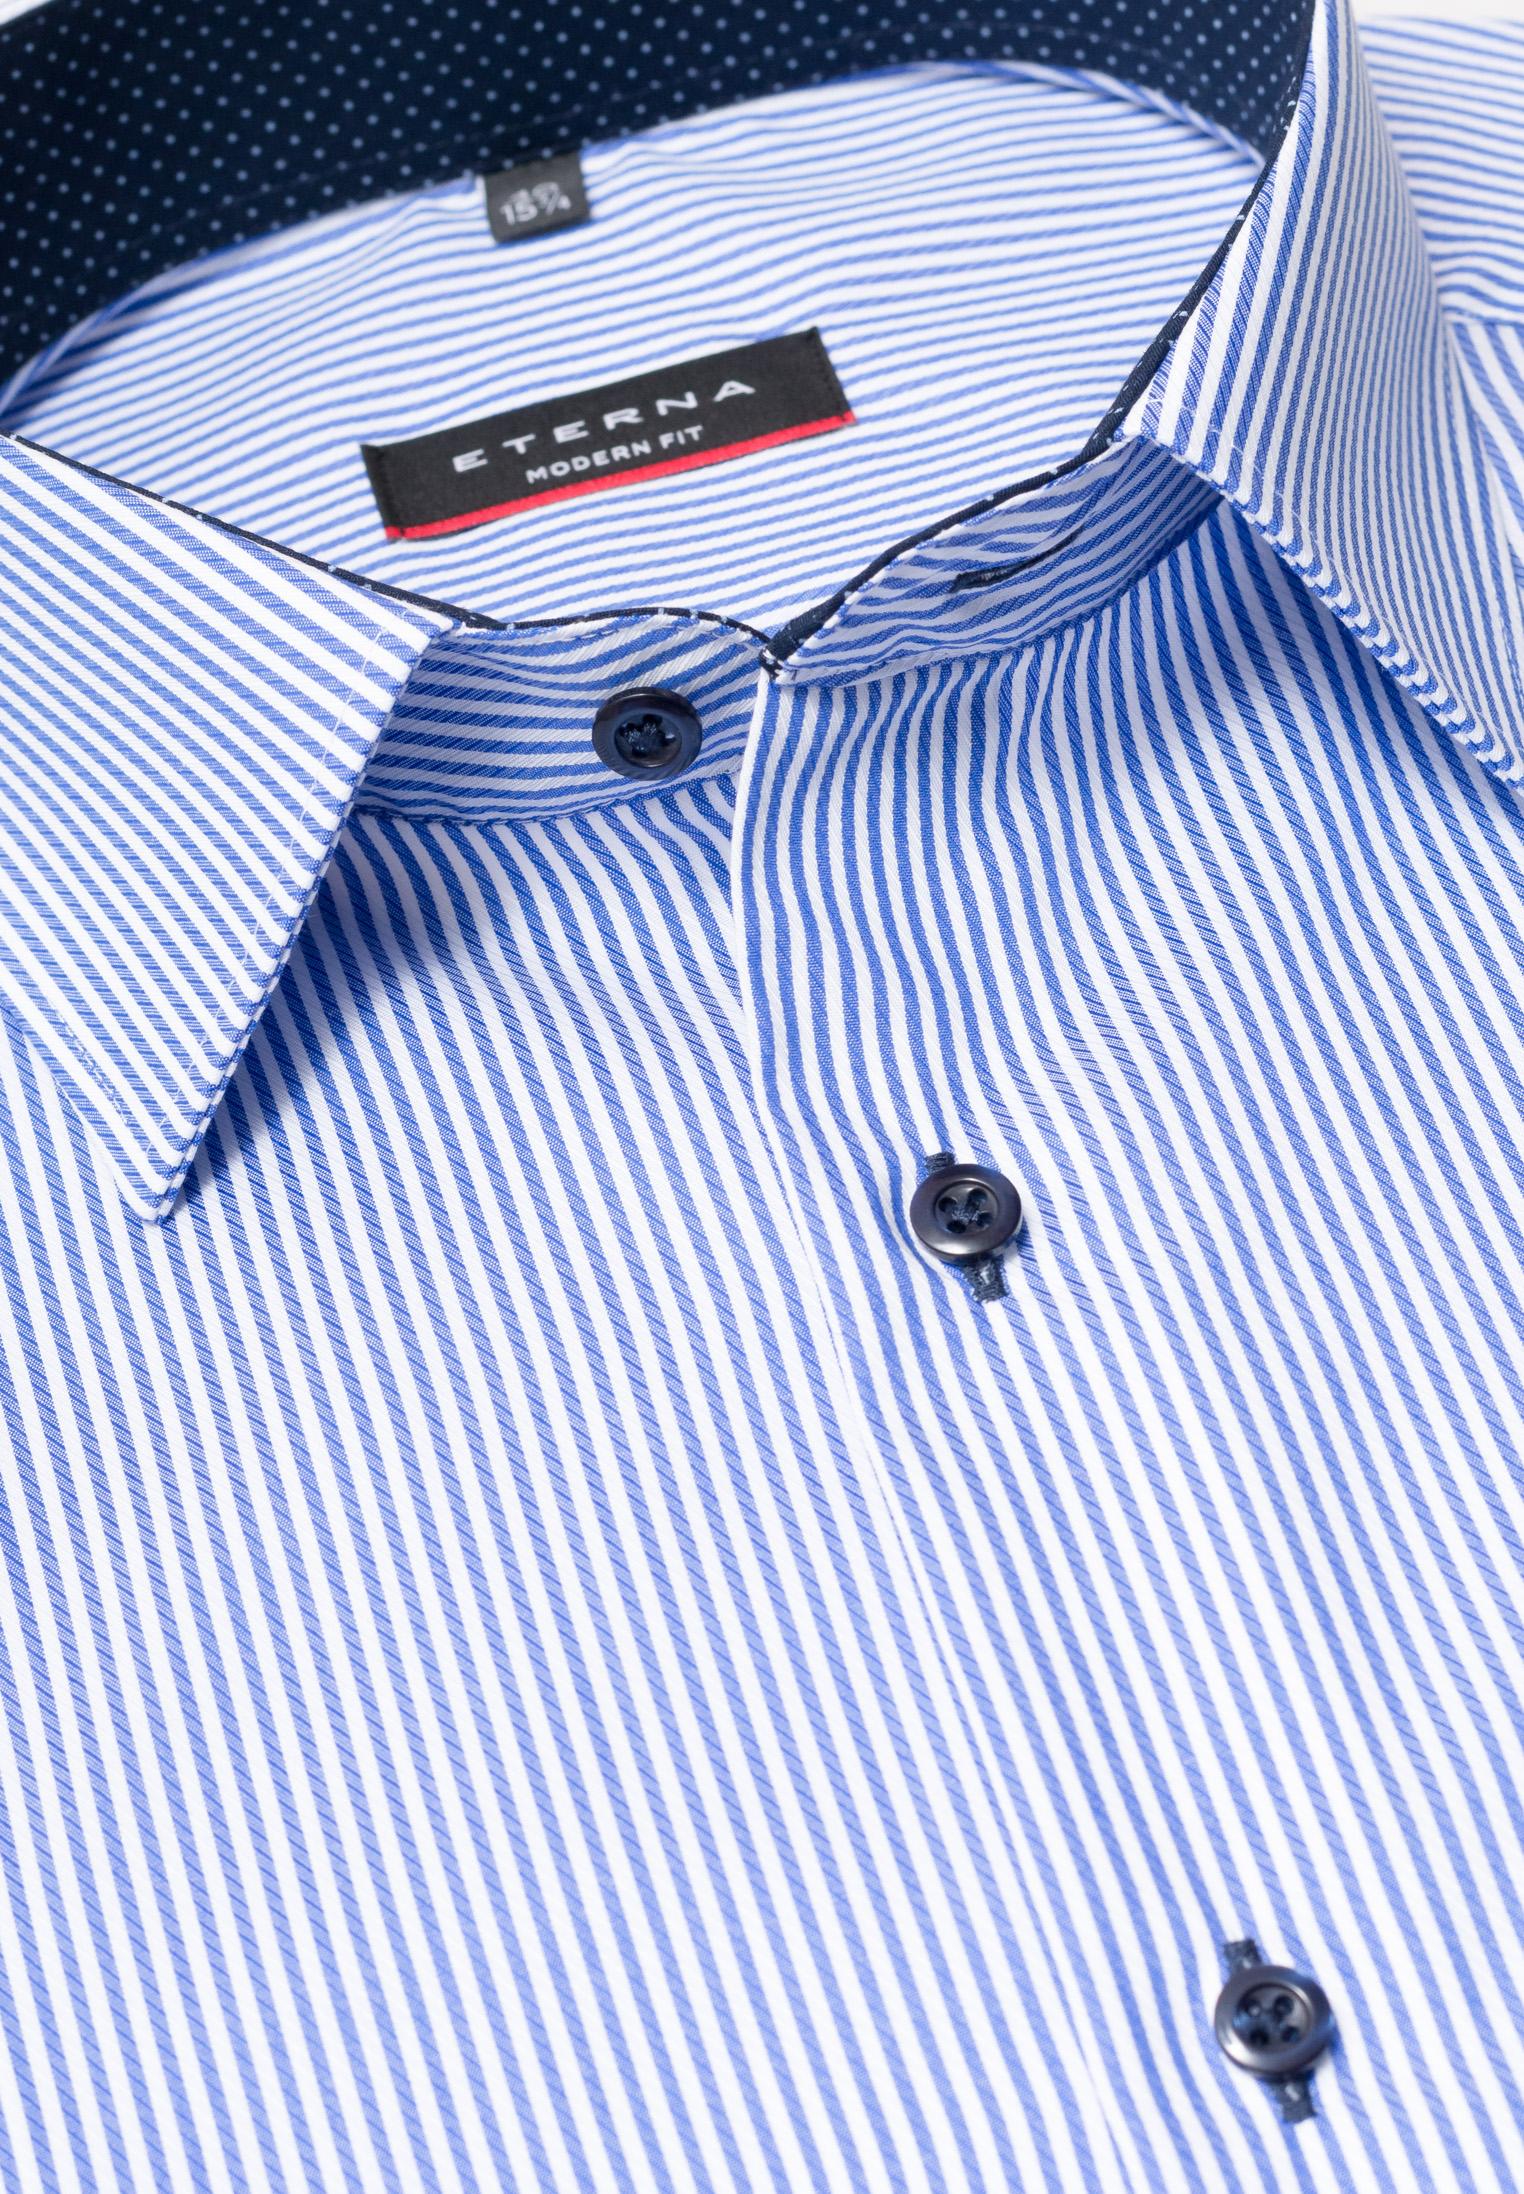 ETERNA 8992 Hemd Baumwolle blau/weiss Langarm